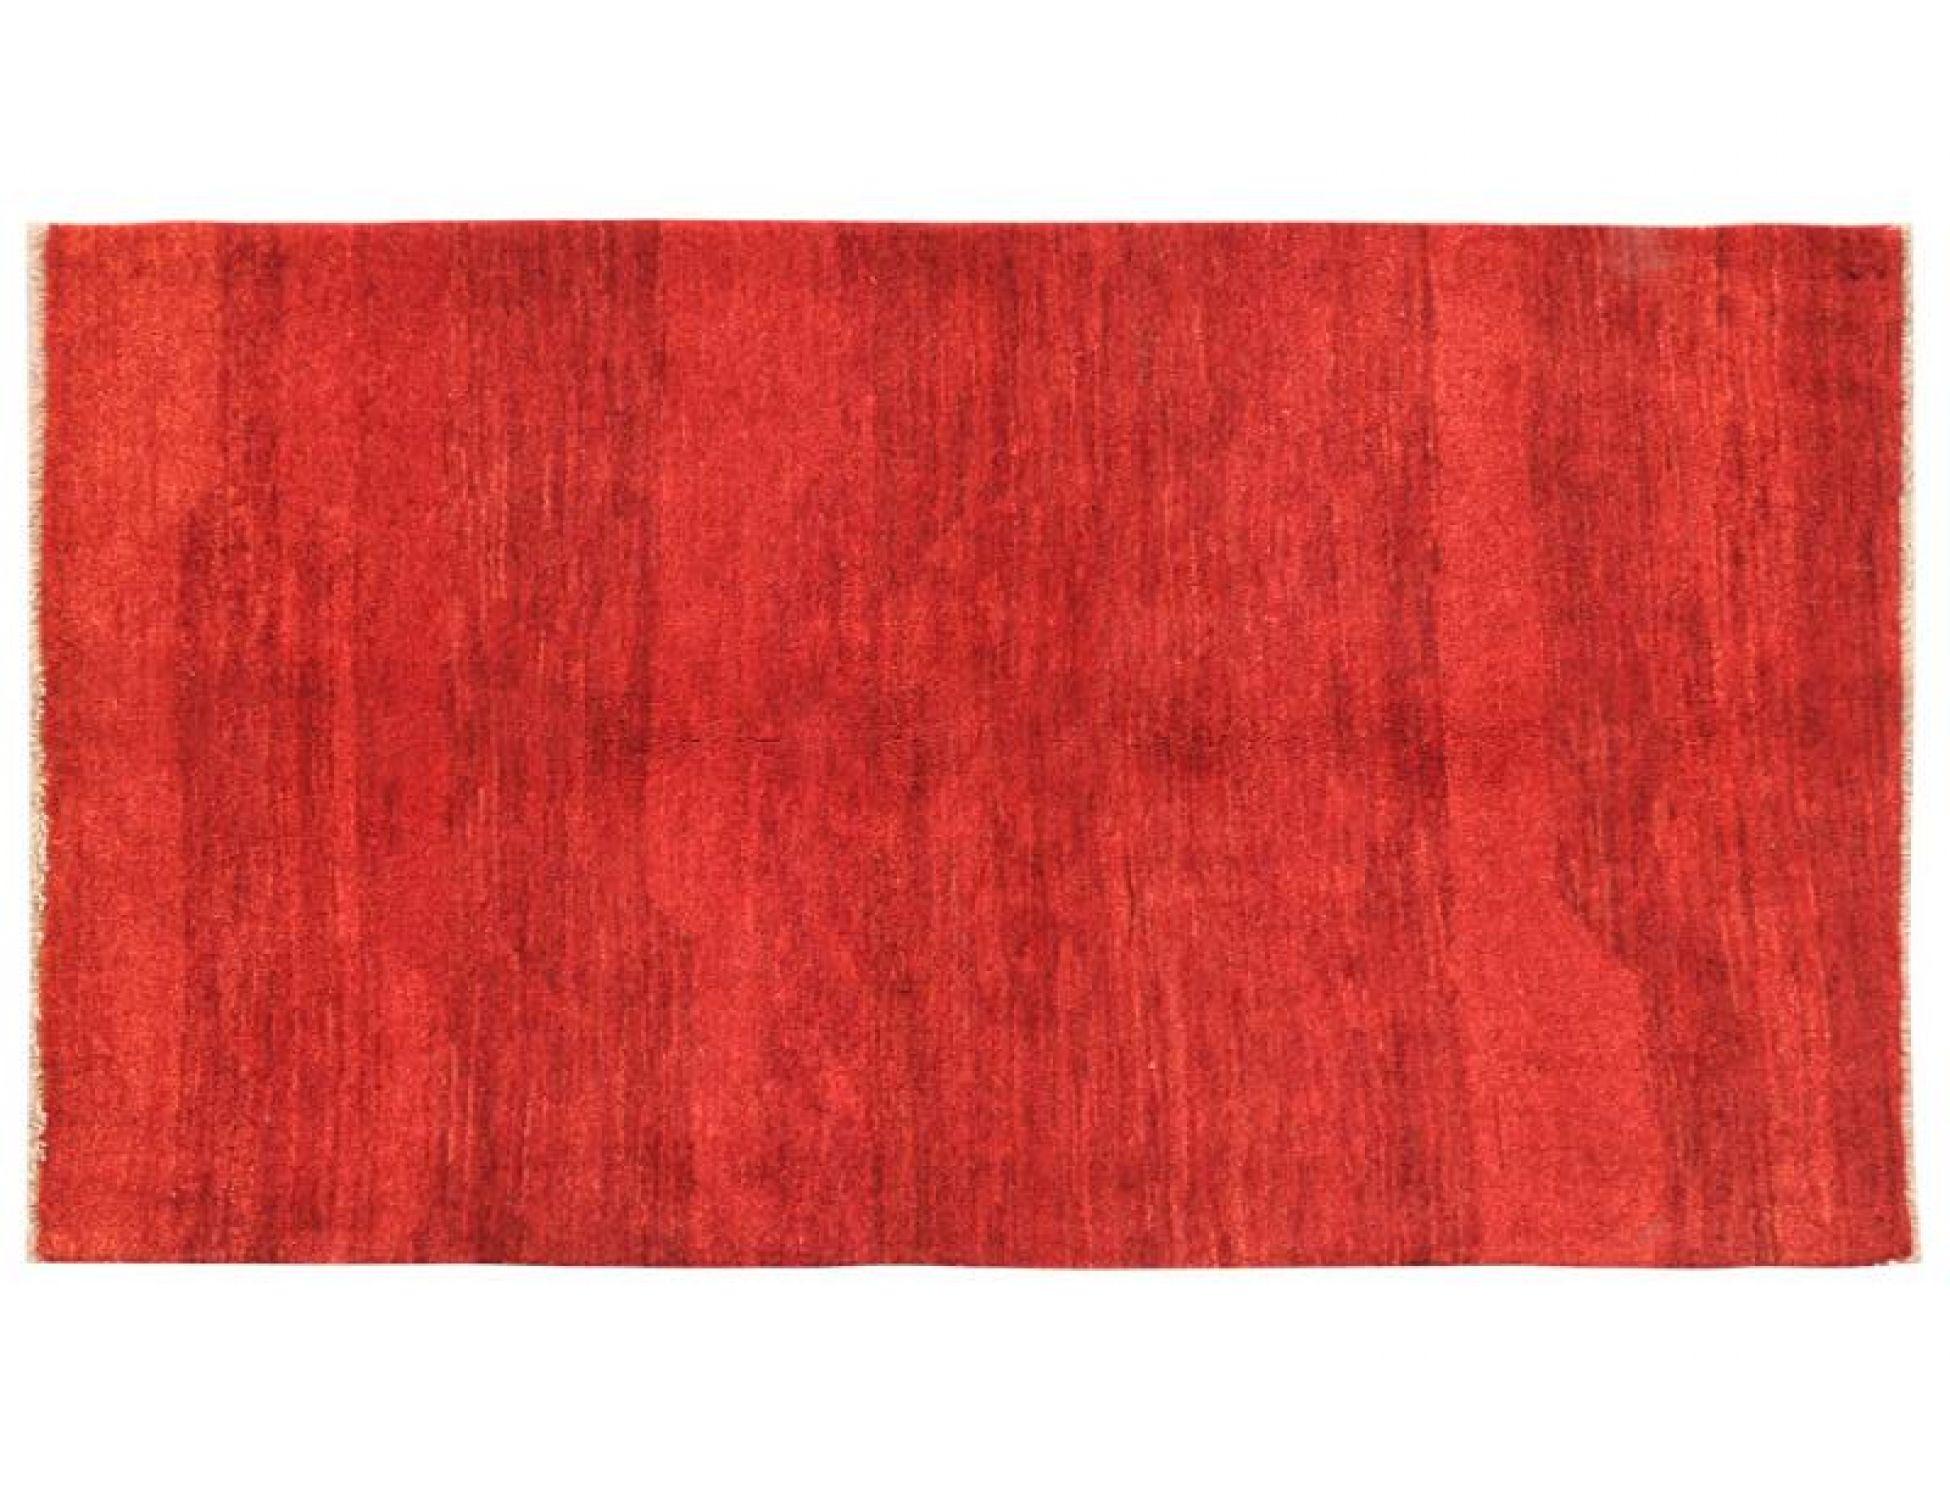 Moderne Teppiche   <br/>185 x 106 cm